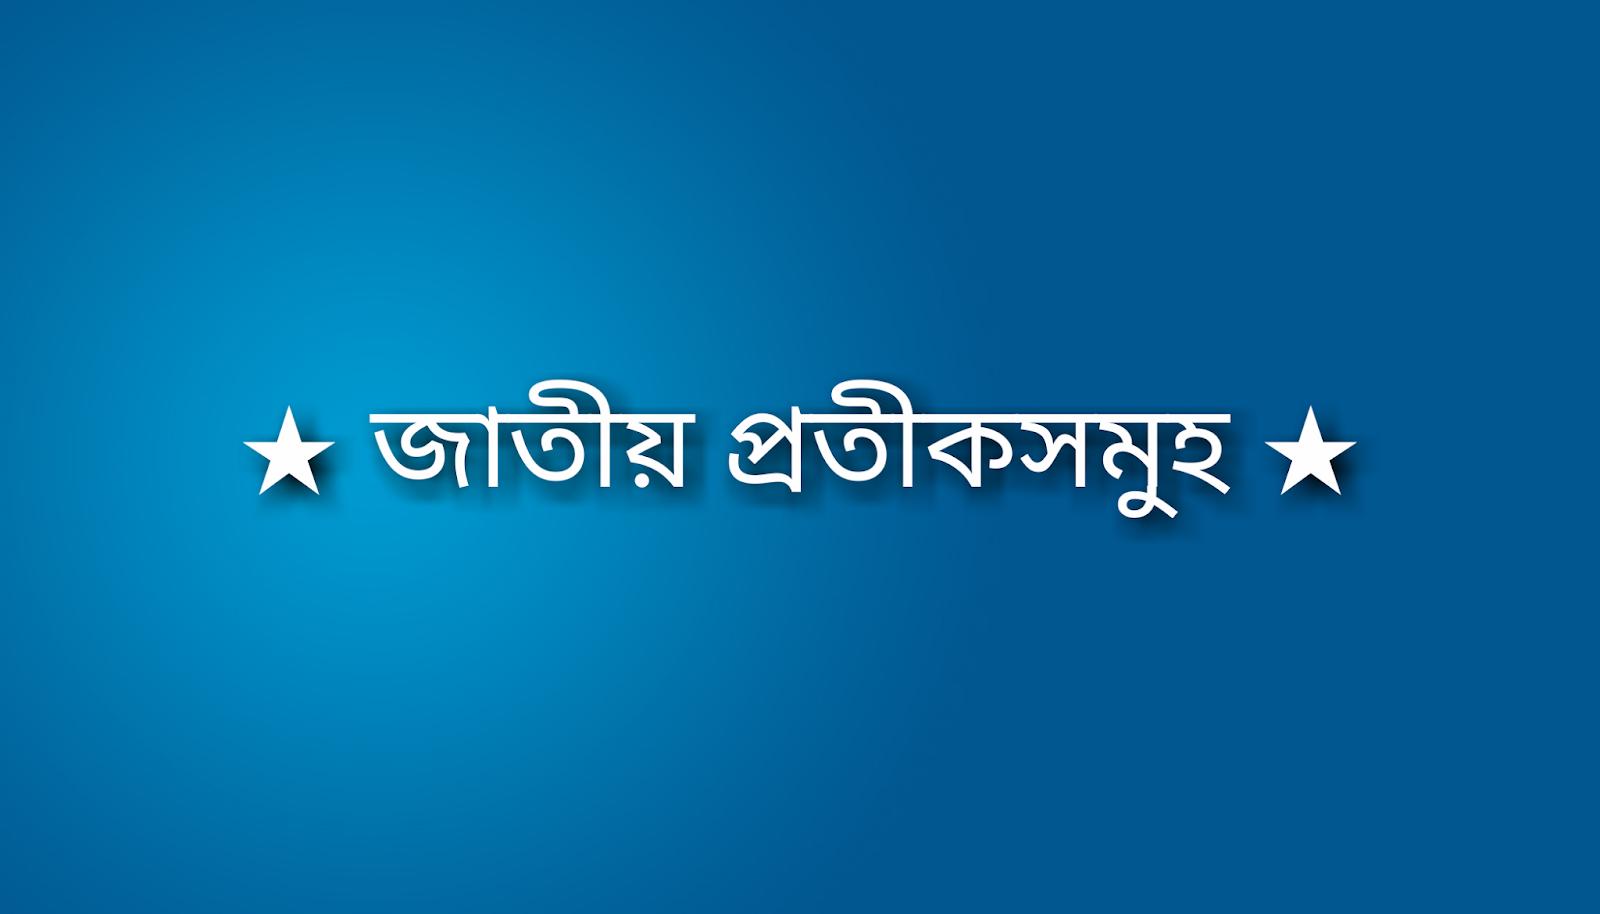 ★ জাতীয় প্রতীকসমুহ ★, gk, competitive, job, exam, knowledge